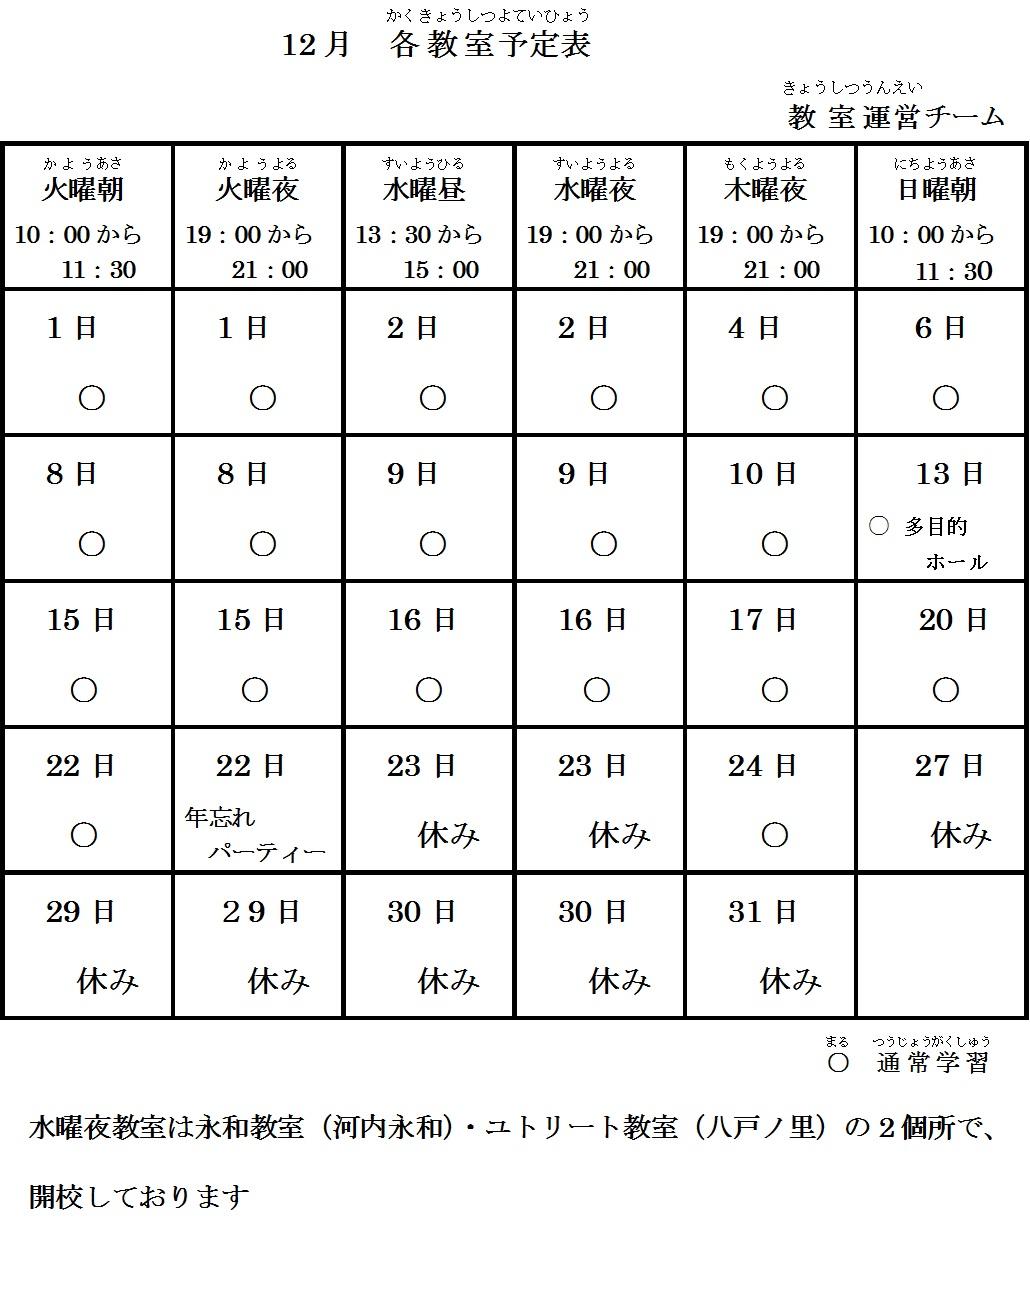 6教室12月の予定表_e0175020_17412595.jpg